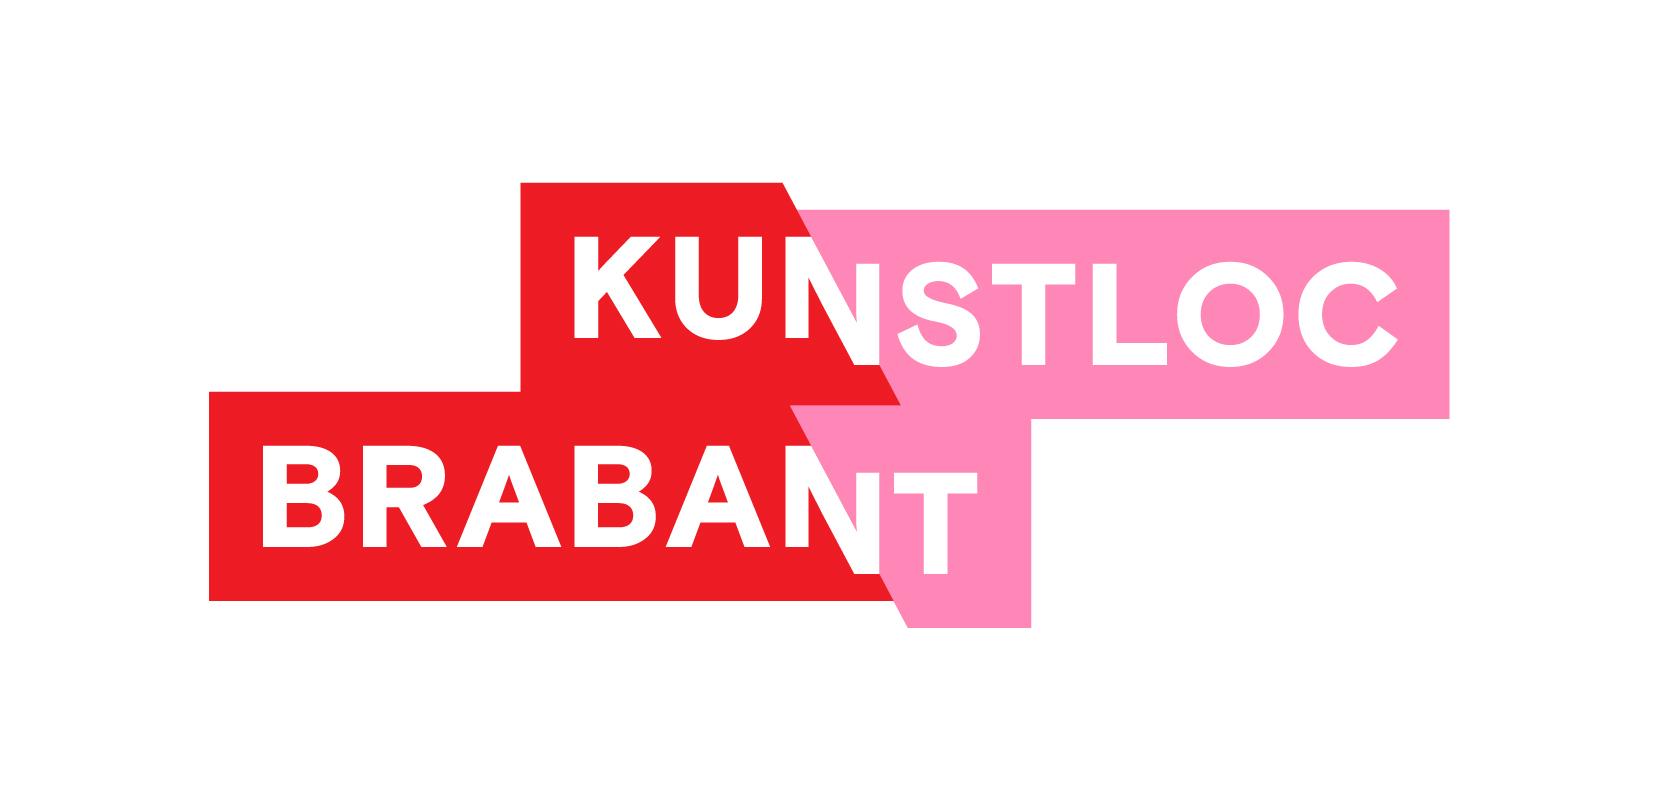 Kunstloc Brabant